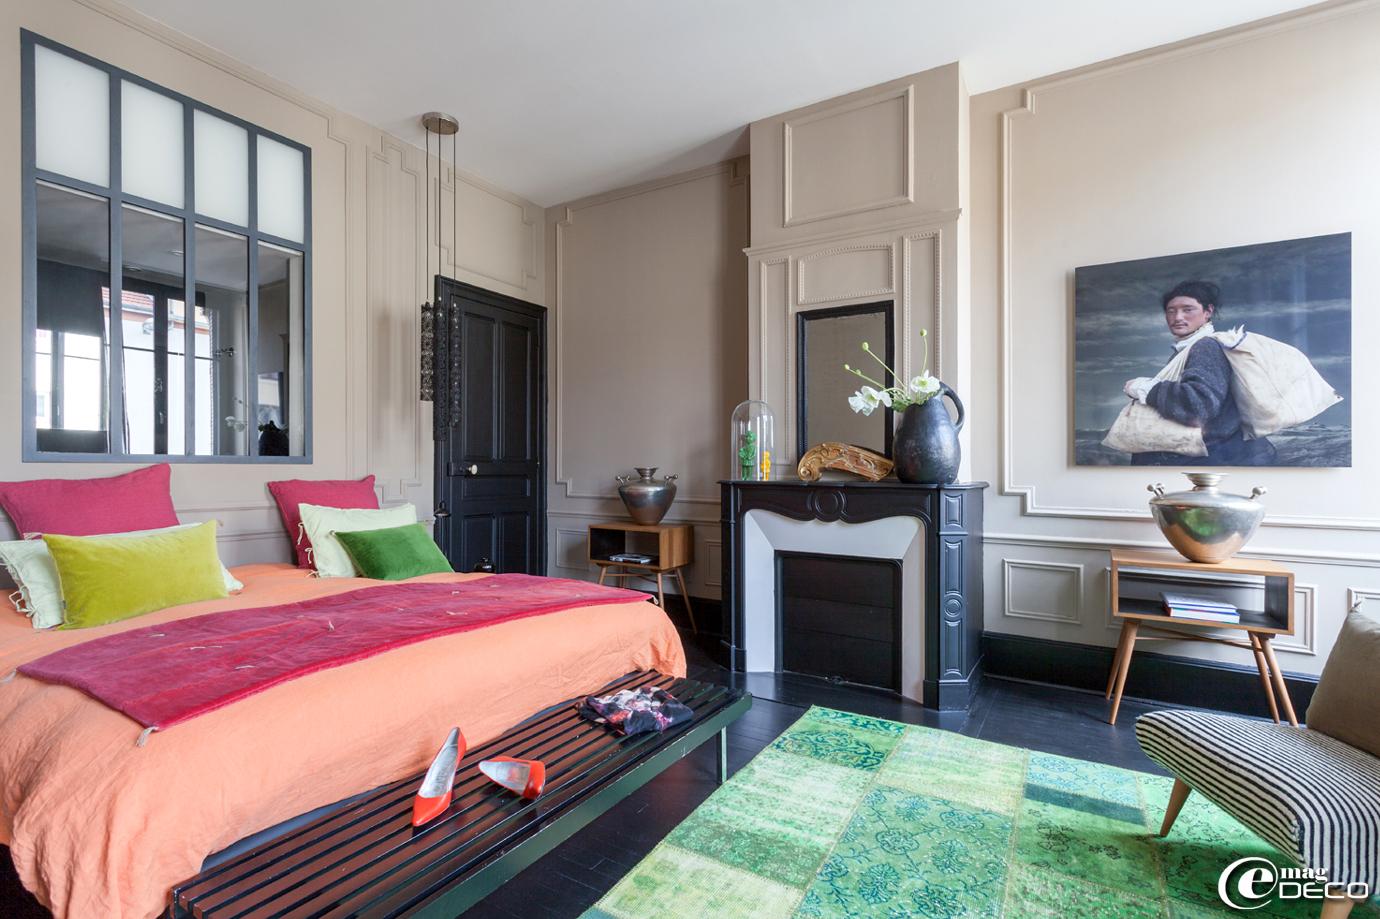 Dans une chambre de la maison d'hôtes 'La Villa 1901' à Nancy, courte pointe et coussins en velours et lin 'Caravane', housse de couette 'Harmony', banc 'Nordal'